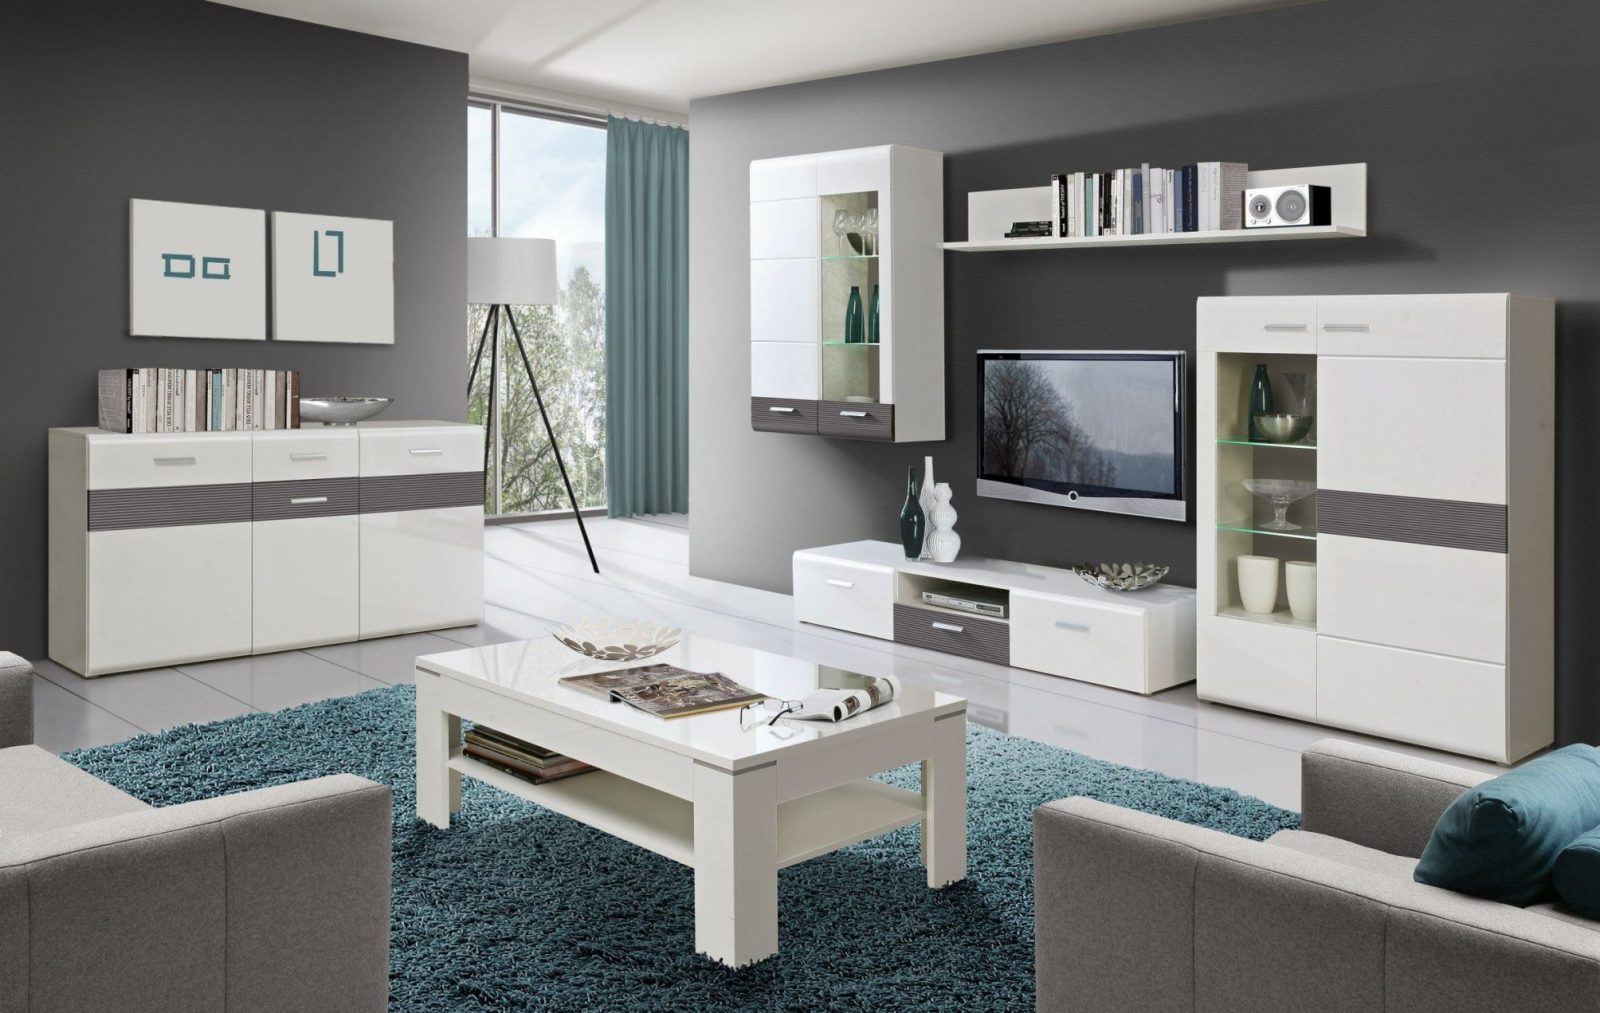 Wohnzimmer Grau Wei Streichen  Haus Design Ideen